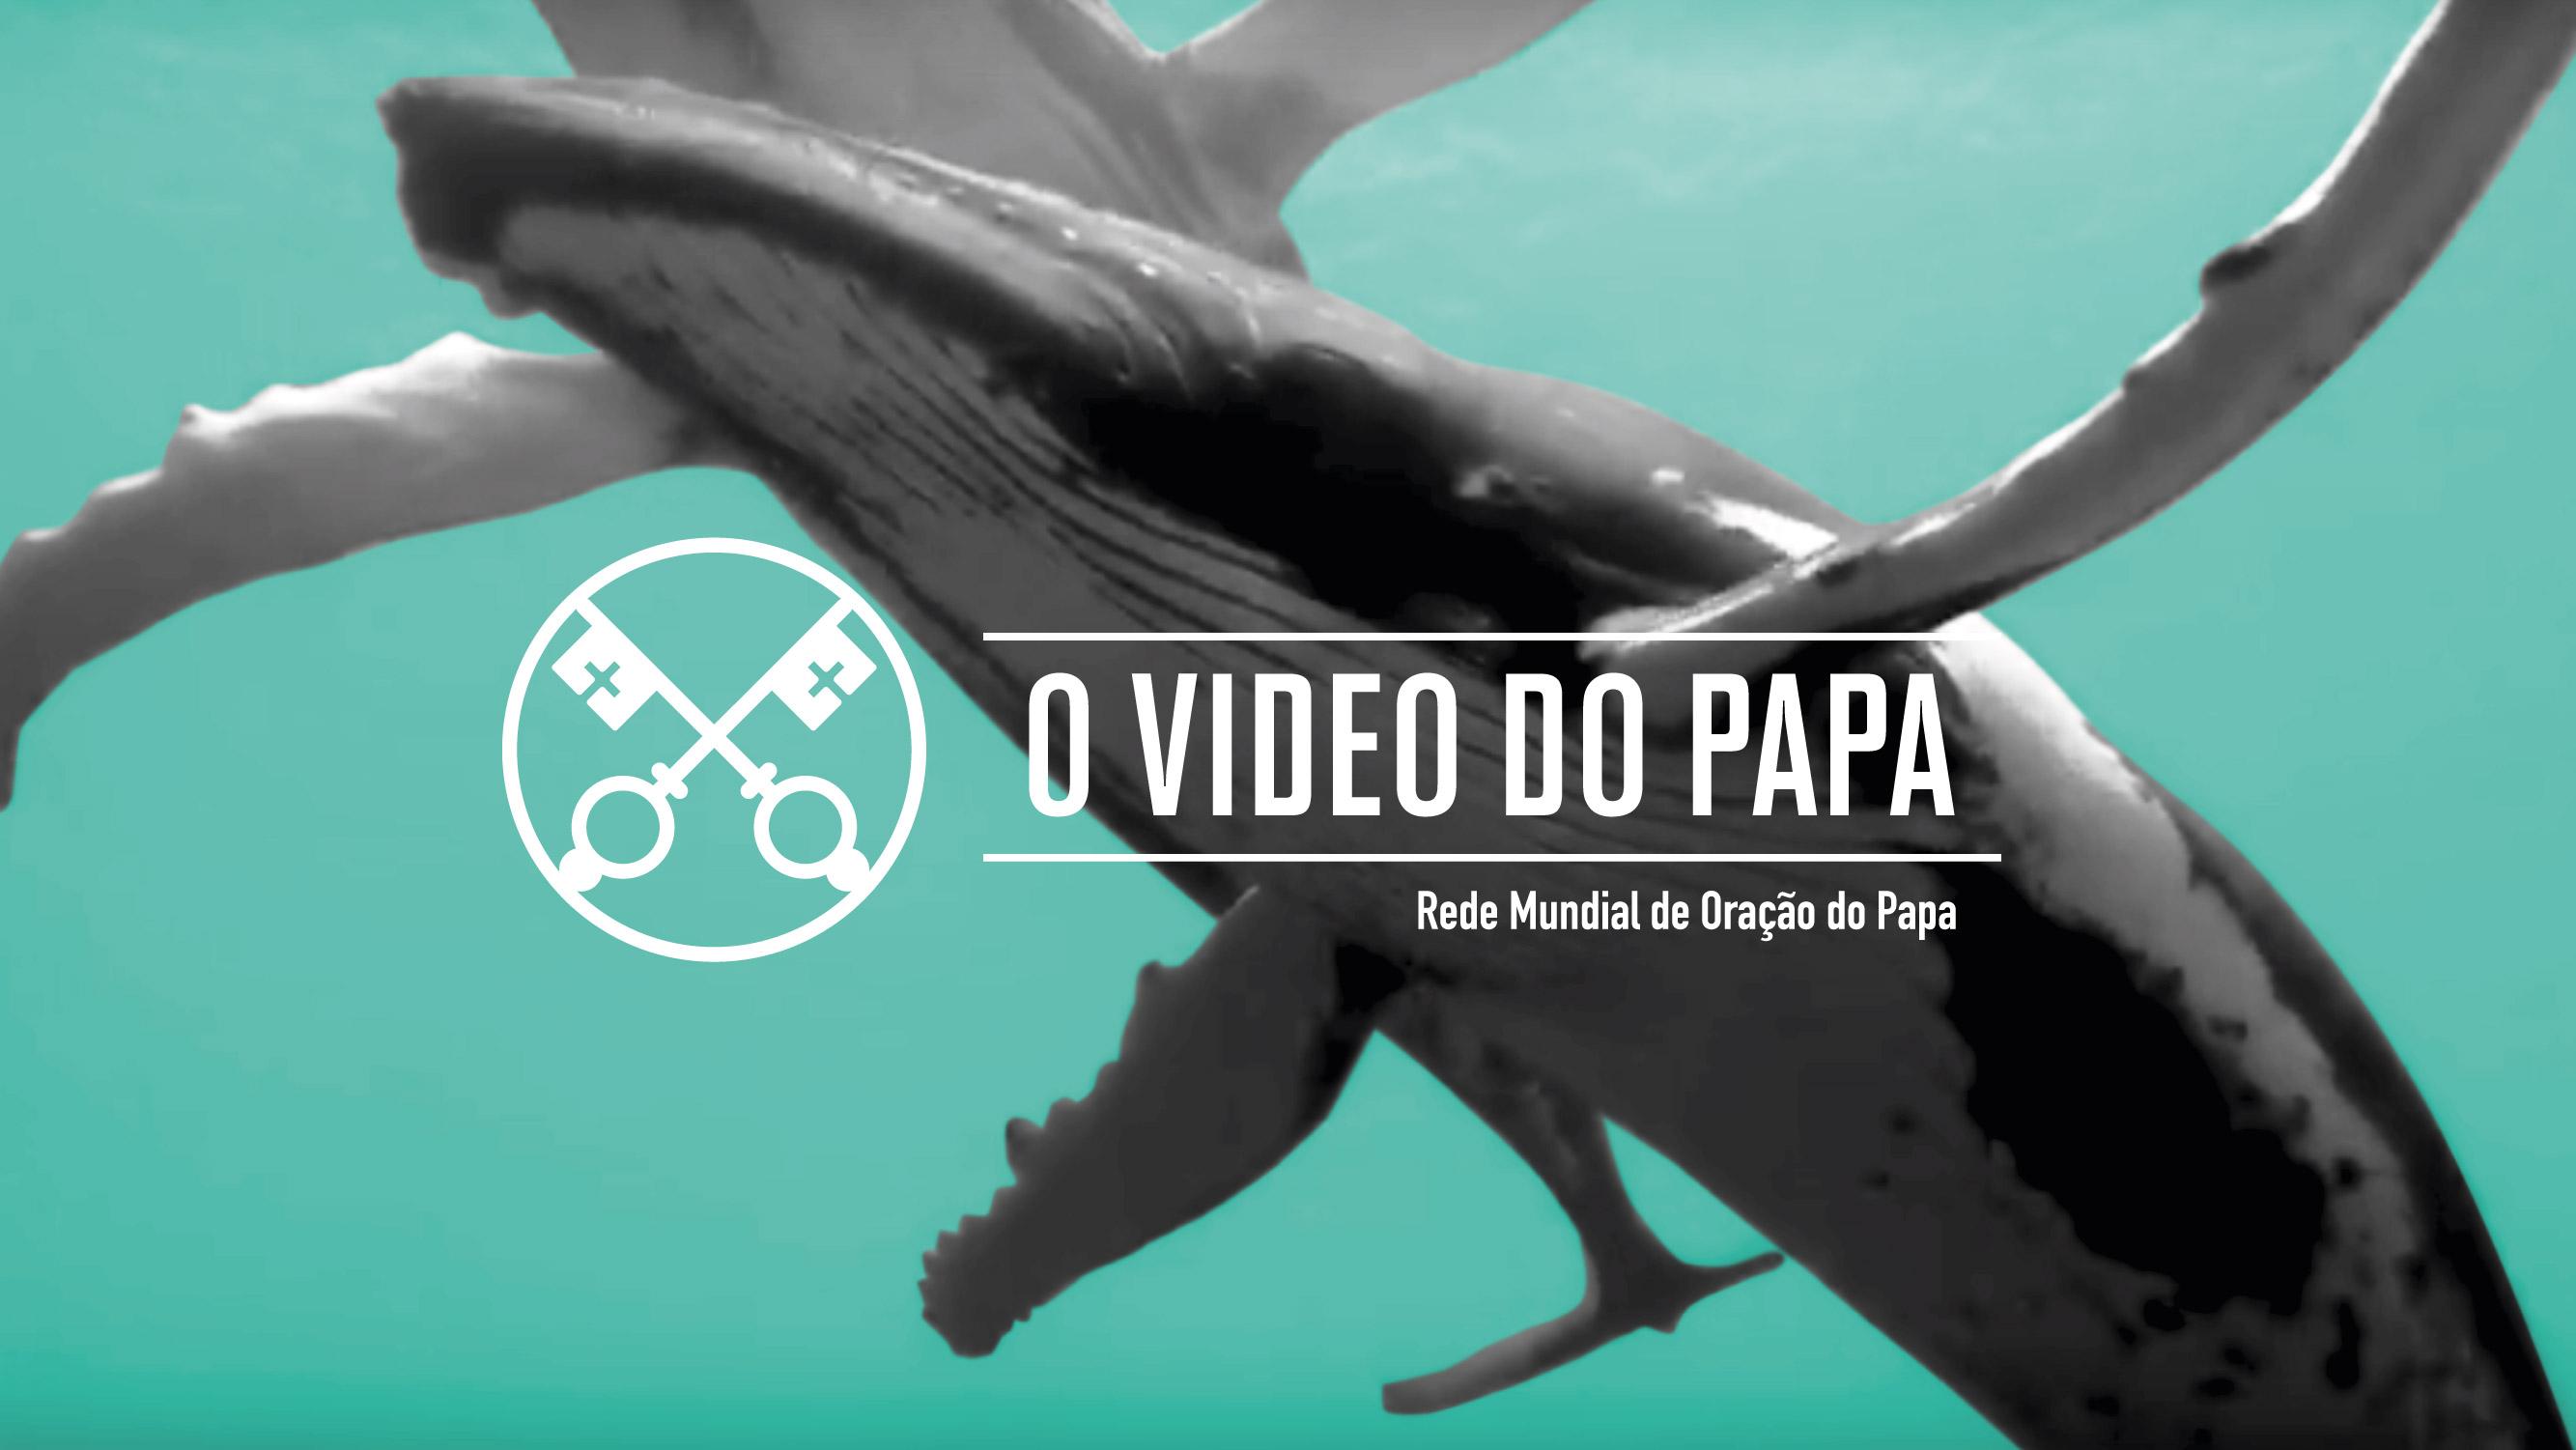 Proteger os Oceanos: prioridade do Papa Francisco neste mês